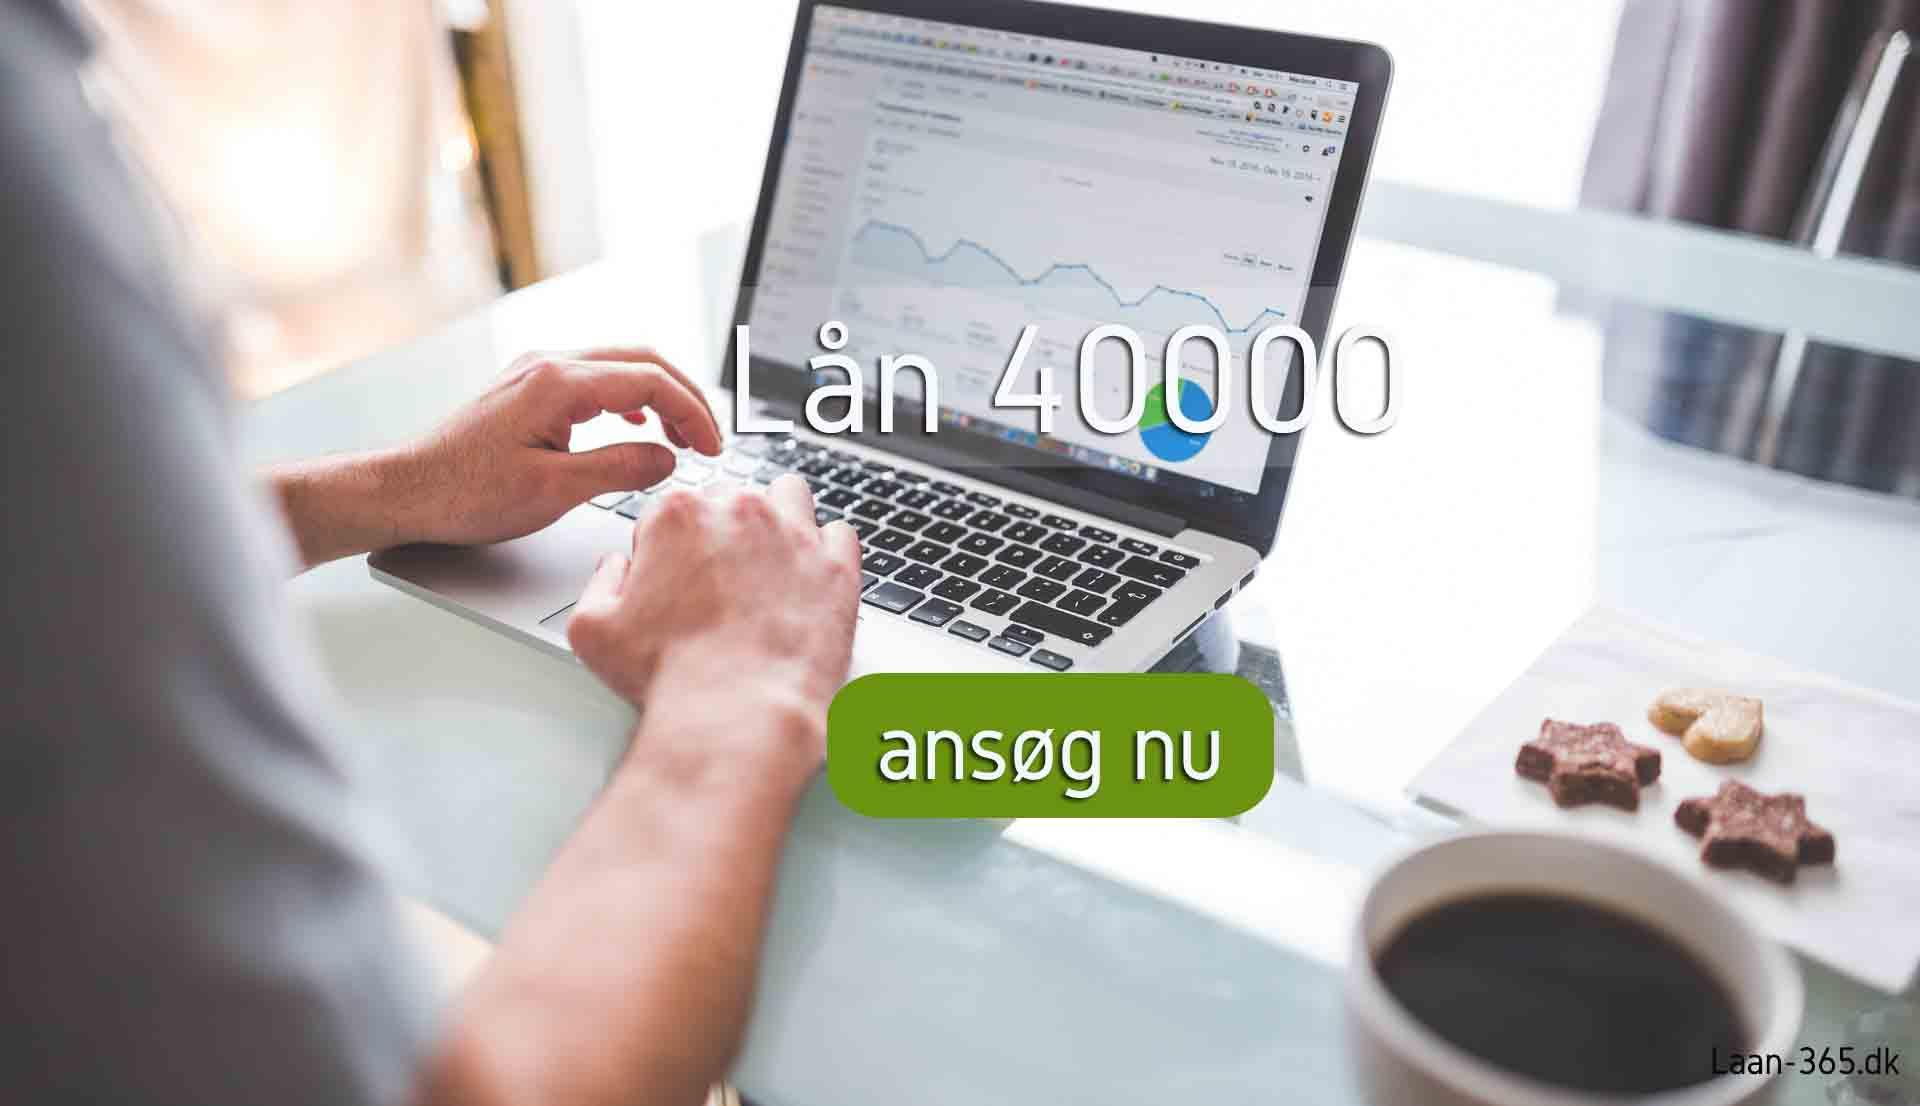 lån 40000 billigt